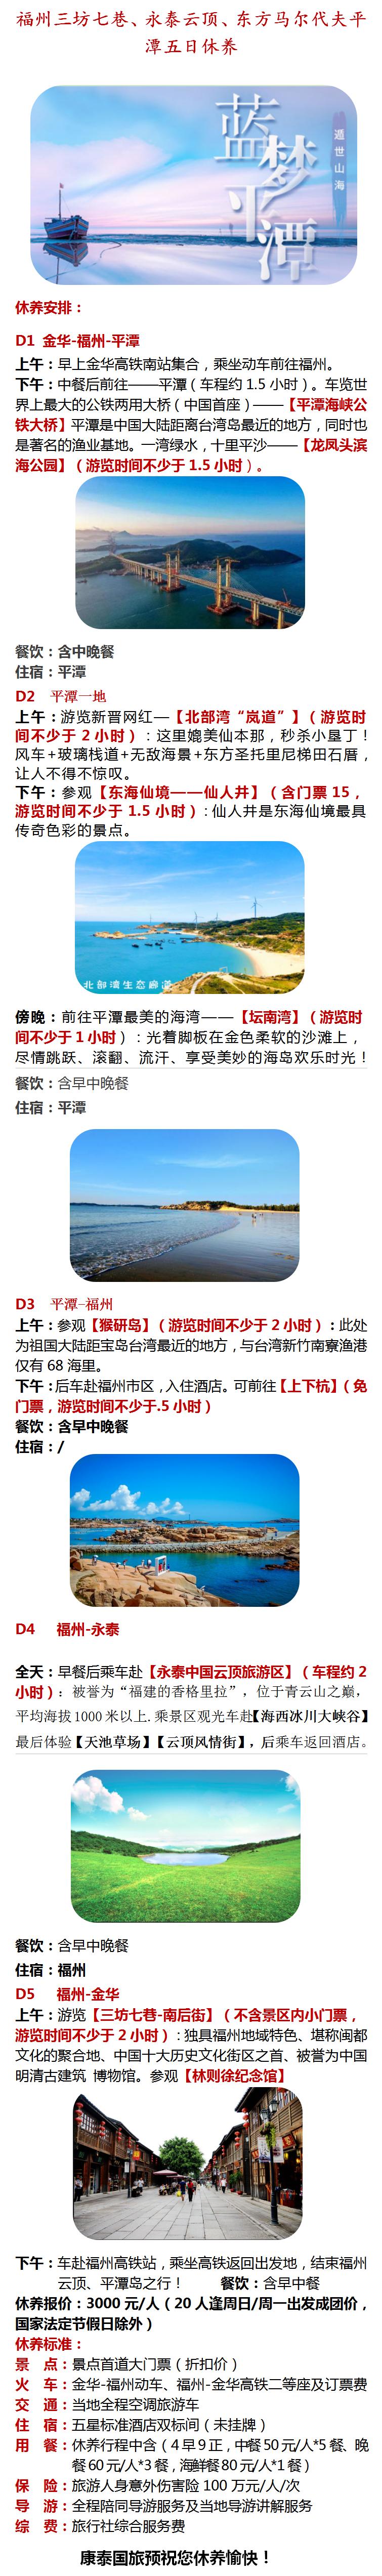 福州+平潭线路介绍模板.png